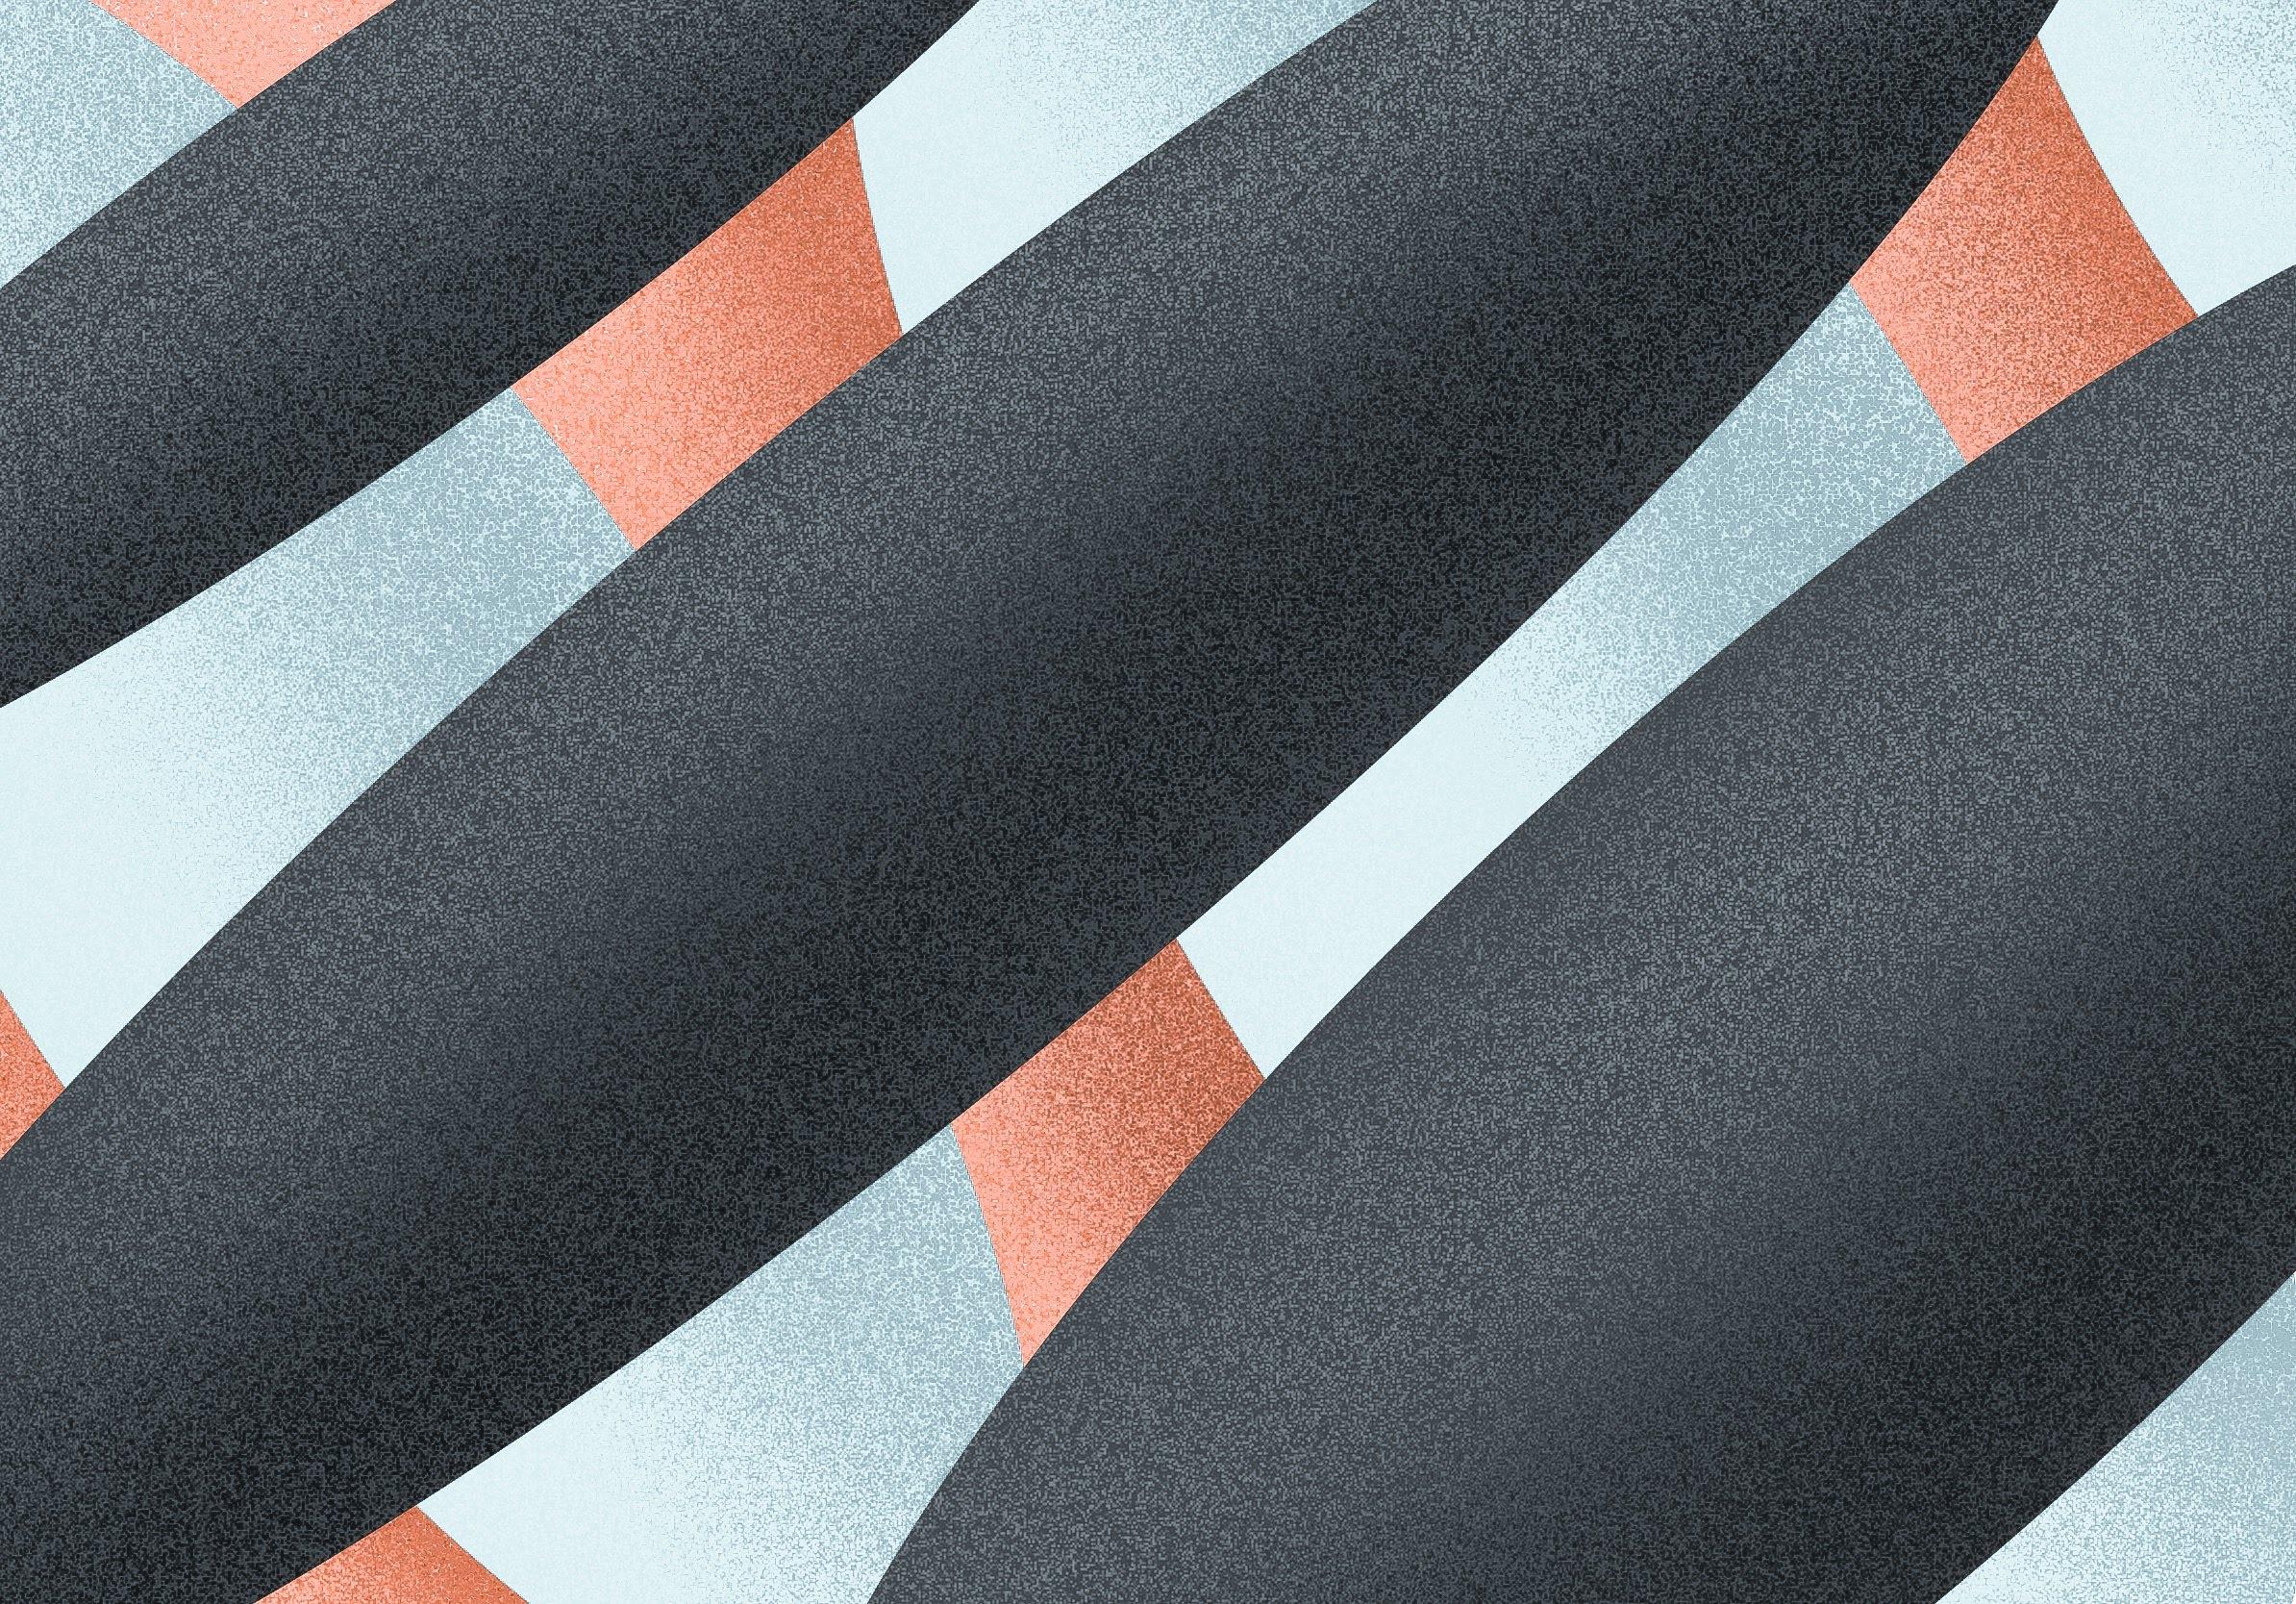 Shapes_Minimal_Wallpaper.jpg